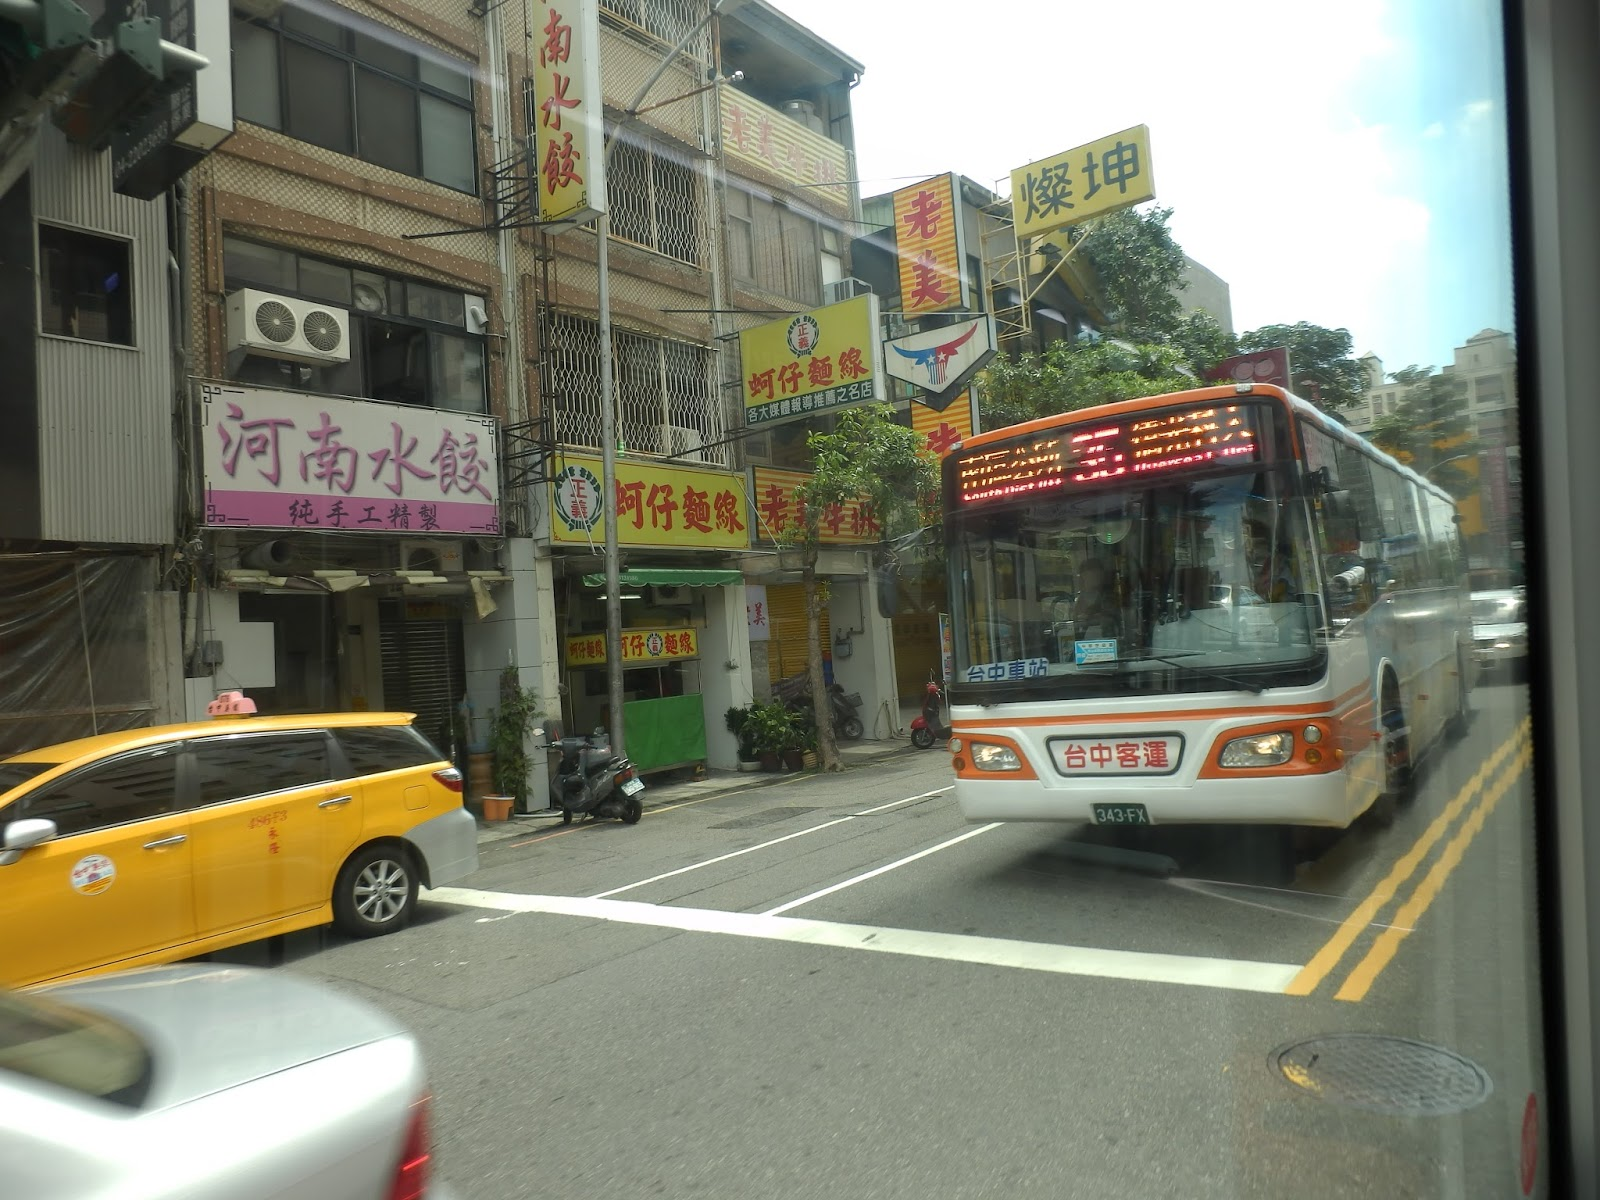 臺中市公車+日月潭客車 - 巴士貼圖及影片 - 巴士討論 - 香港討論區 Discuss.com.hk - 香討.香港 No.1